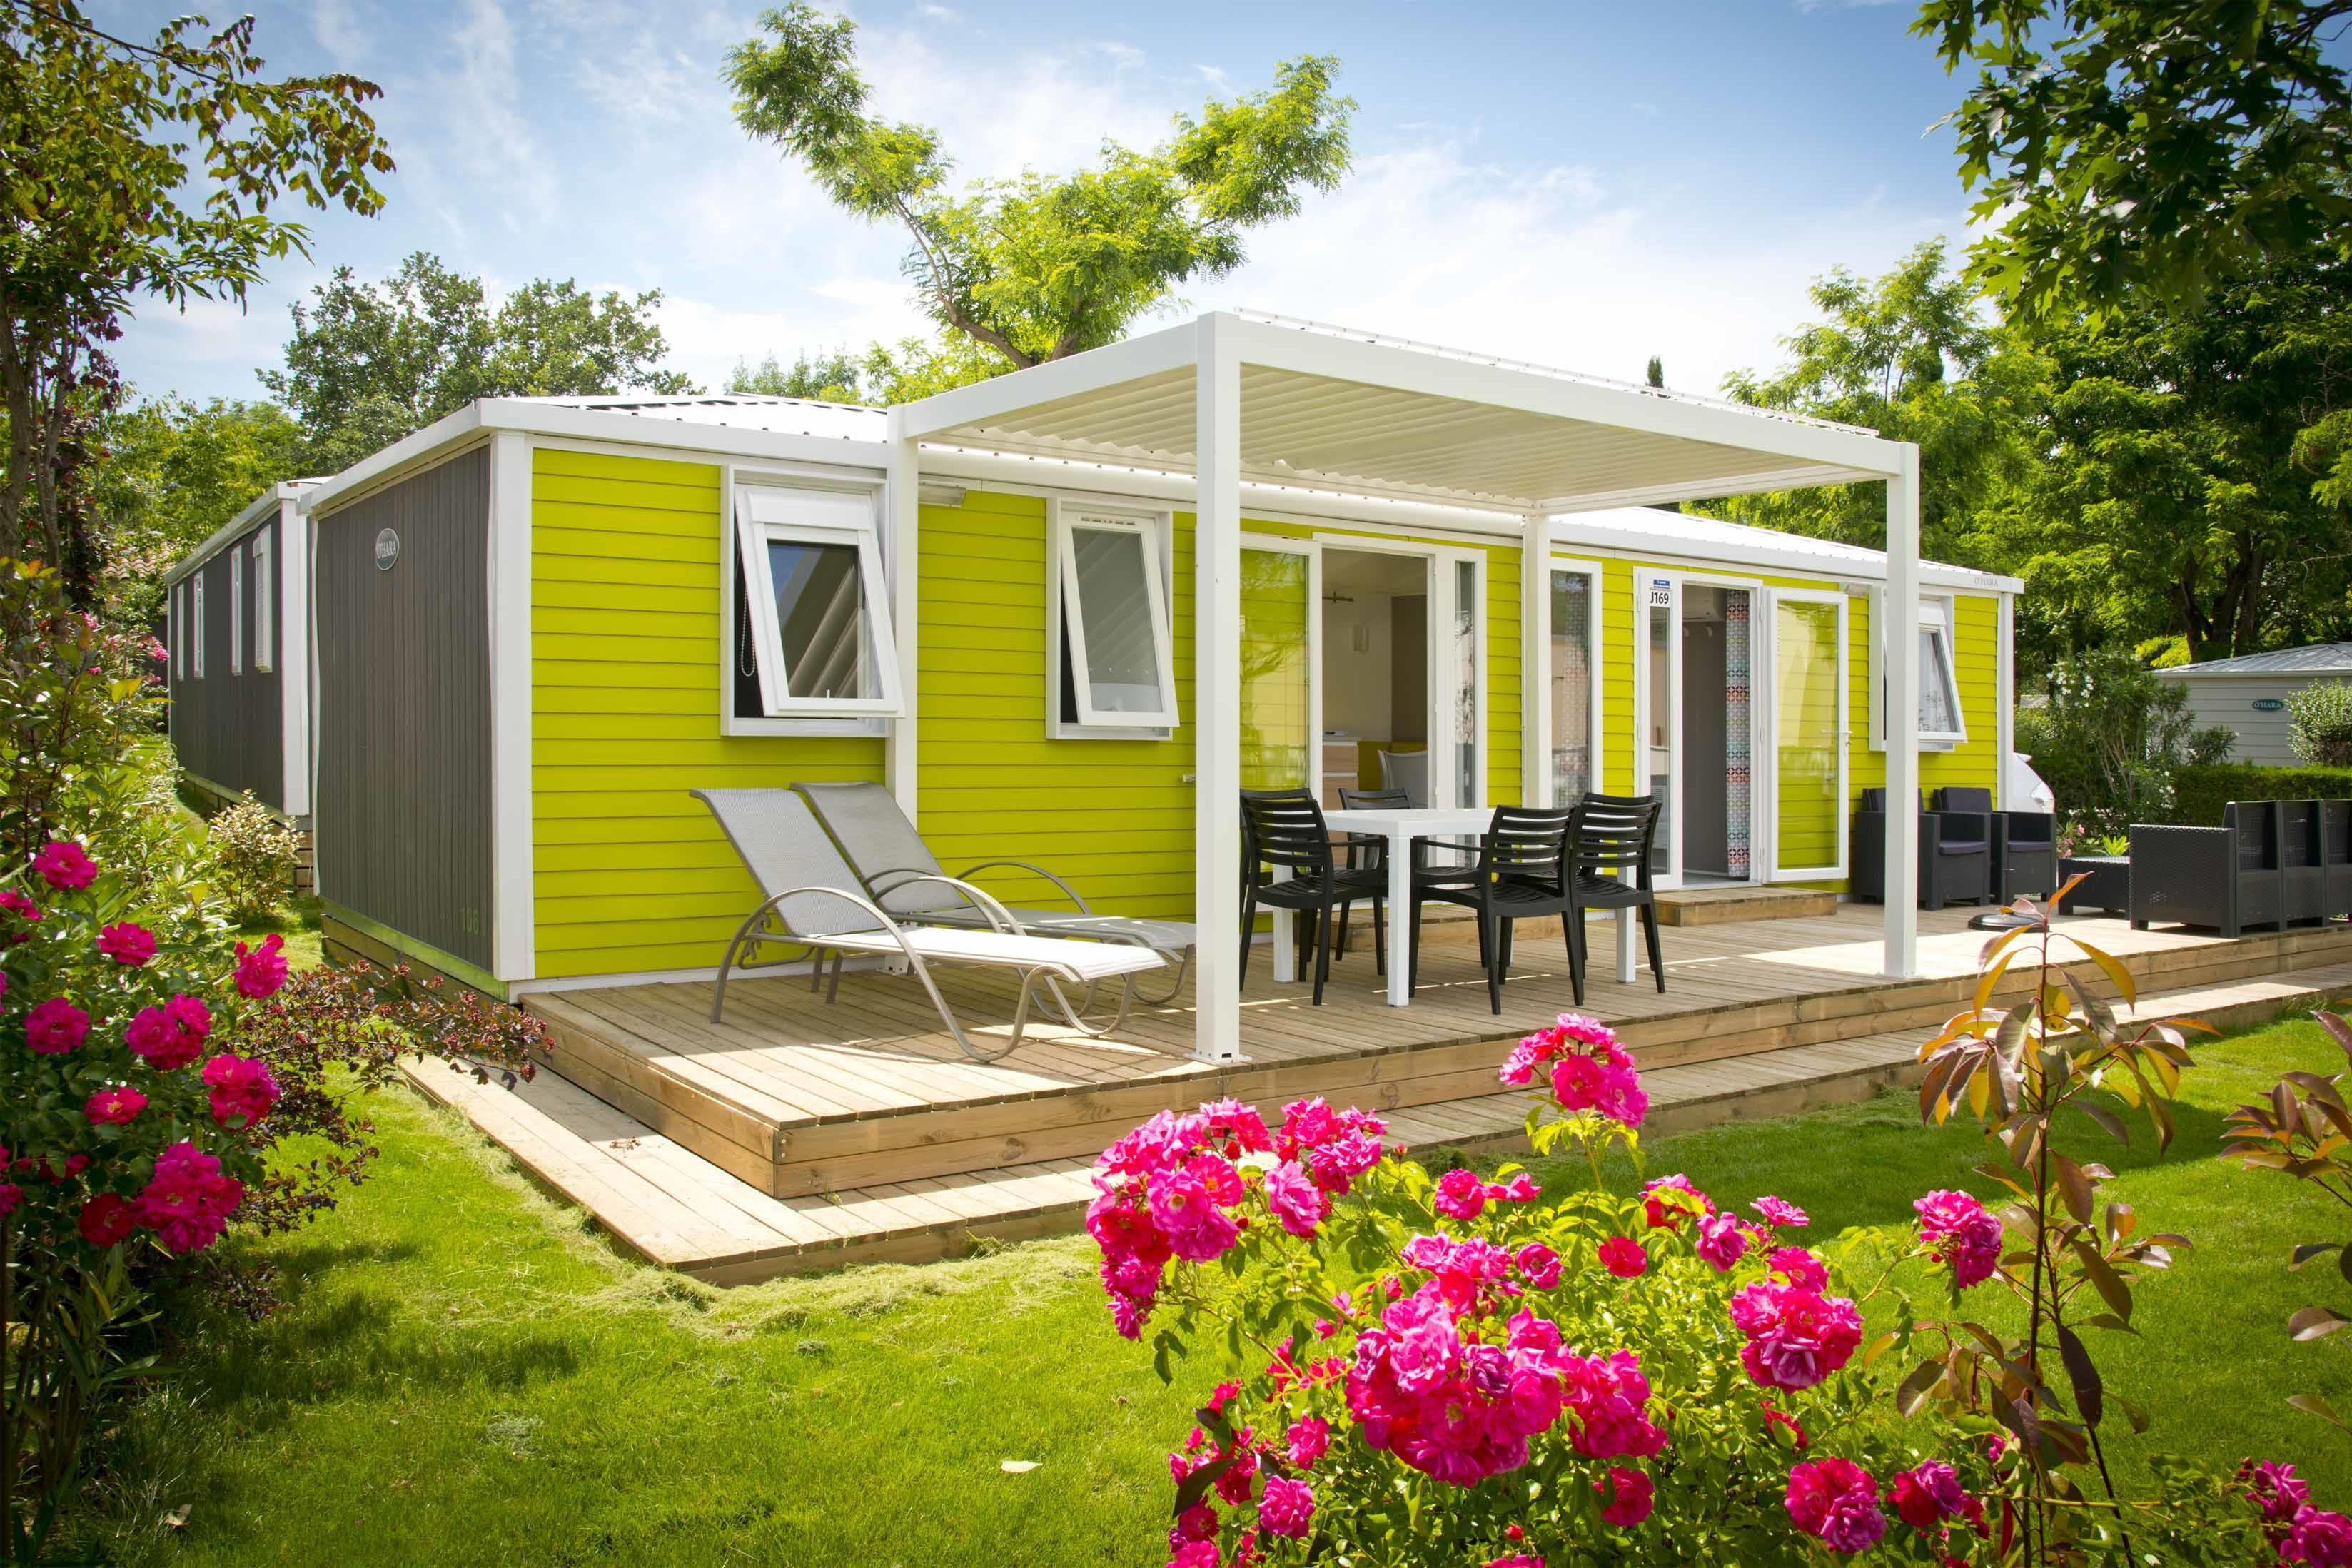 Location - Cottage Premium Burano - 3 Chambres / 2 Salles De Bain - 40M² - Terrasse - Climatisé – Tv - Yelloh! Village Soleil Vivarais